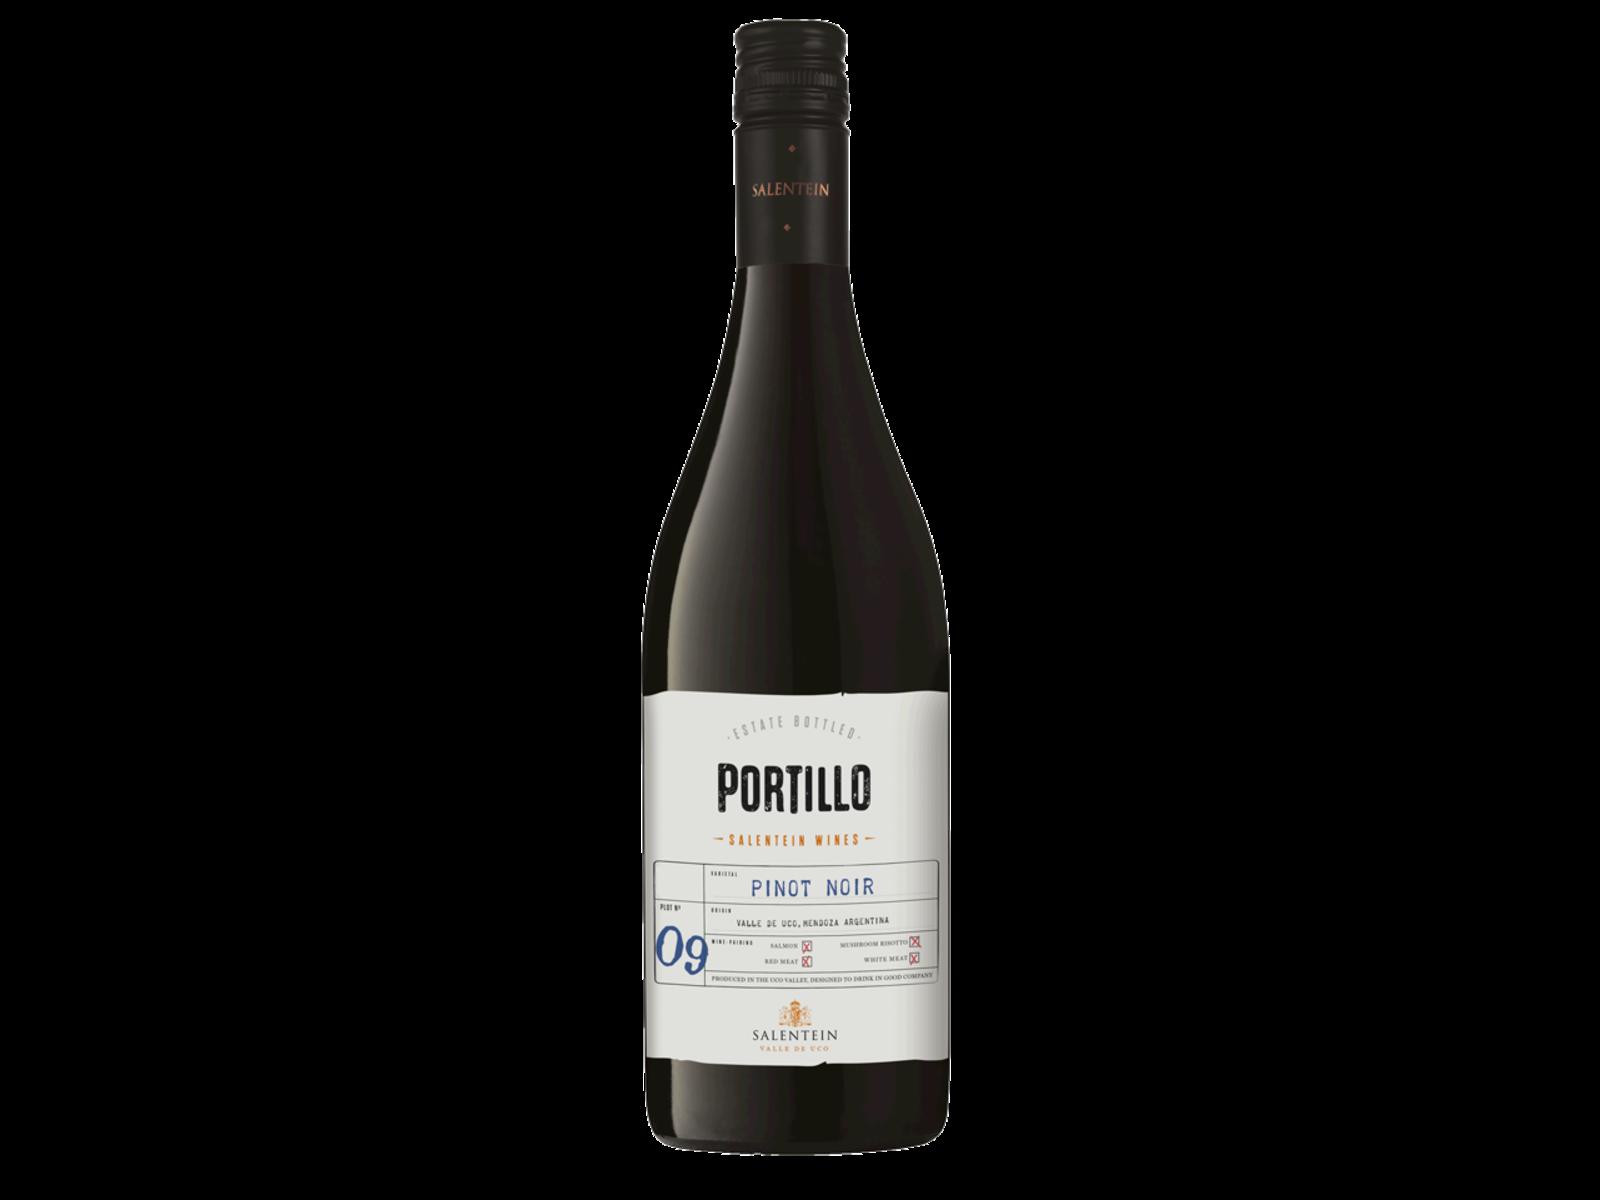 Bodegas Salentein Portillo Pinot Noir